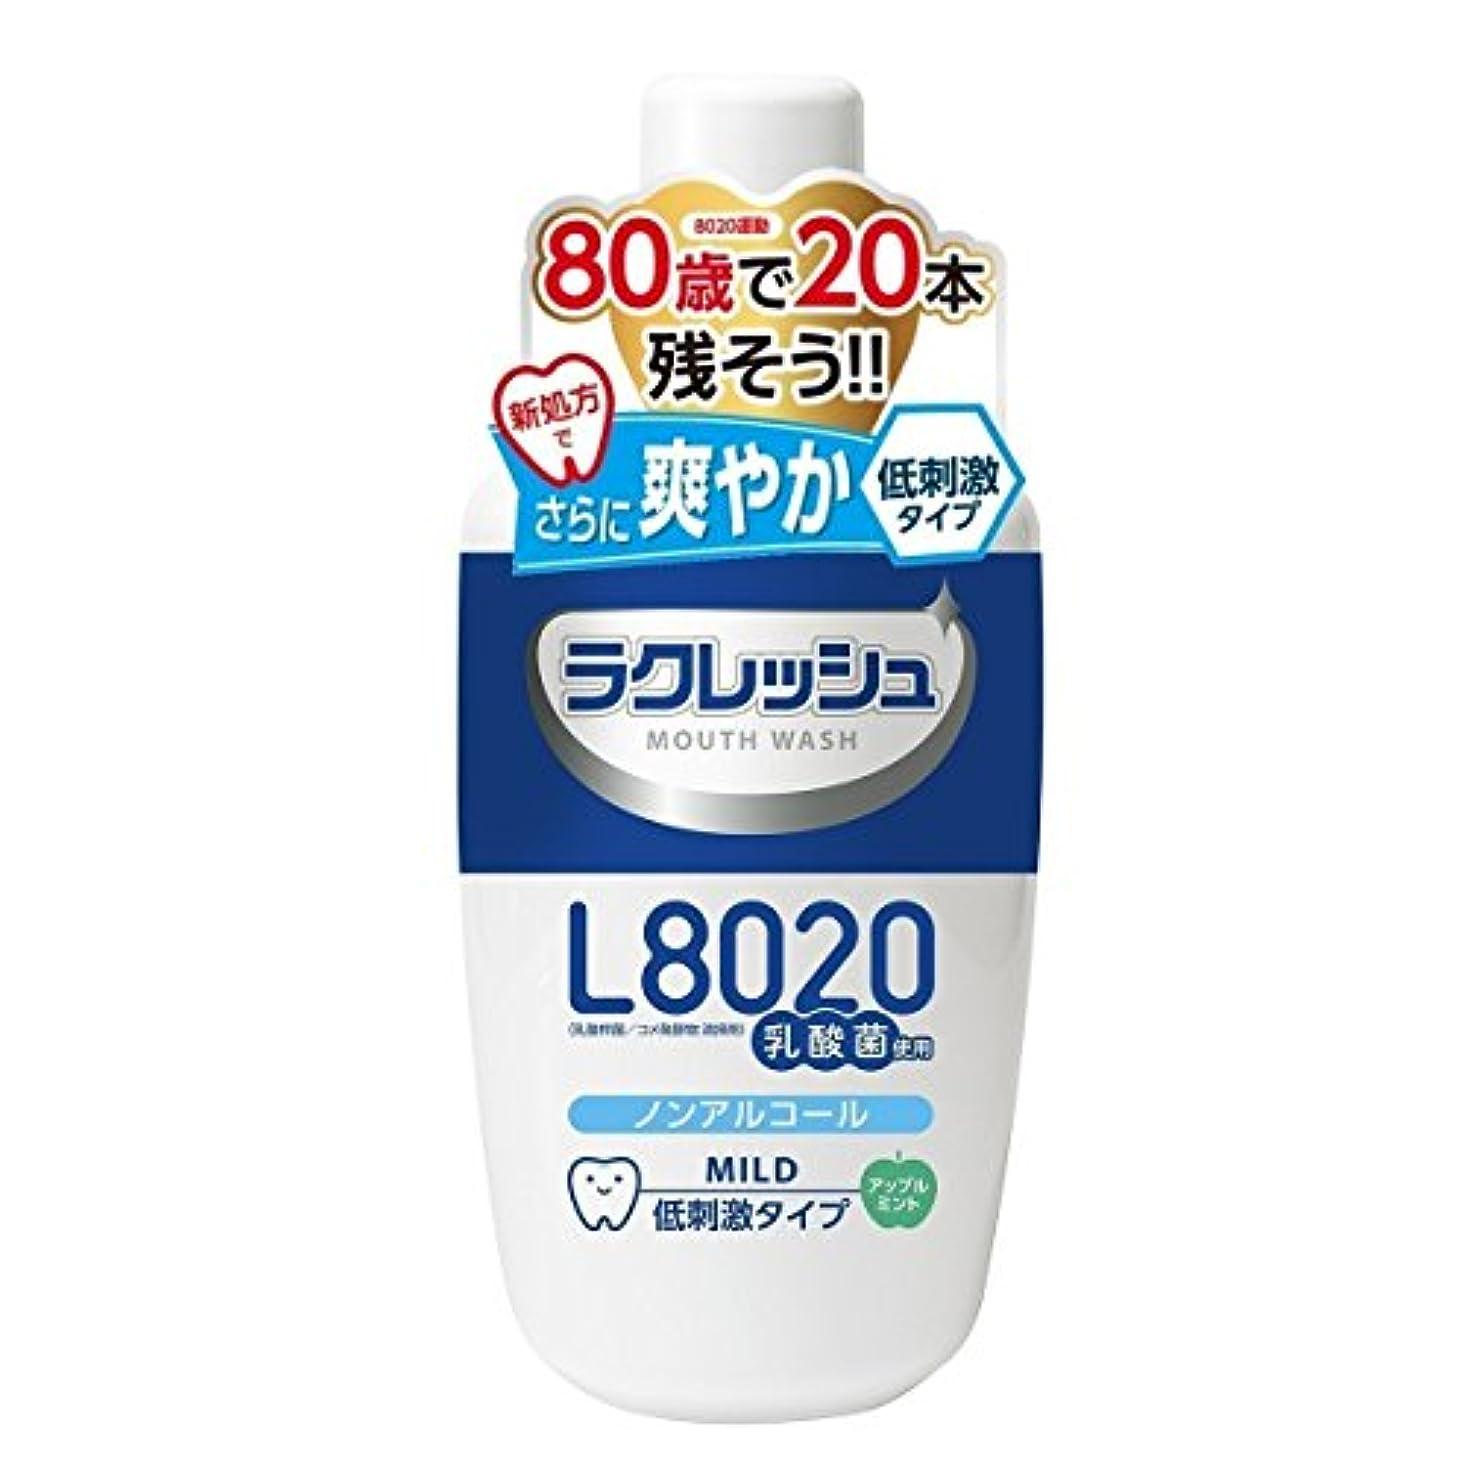 大騒ぎ模倣サンダー○ ラクレッシュ L8020菌使用 マウスウォッシュ ノンアルコールタイプ 300mL×48個セット 2ケース分